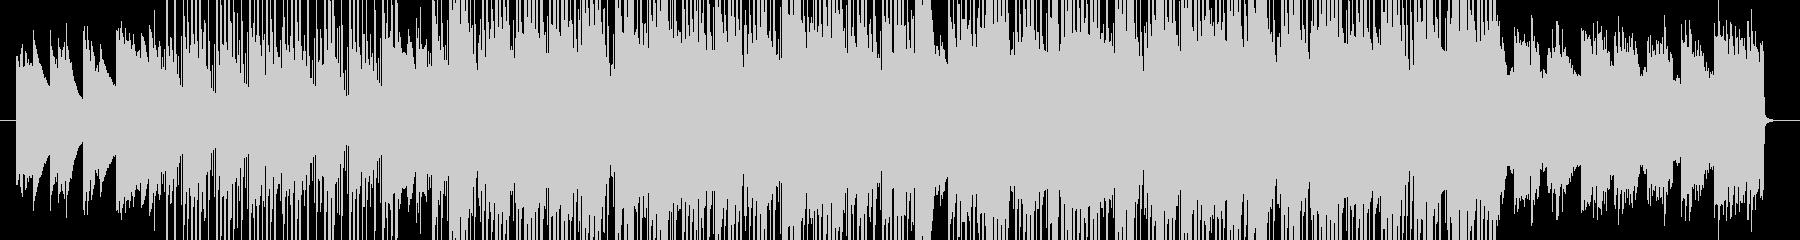 lo-fi hiphop的ポップピアノの未再生の波形